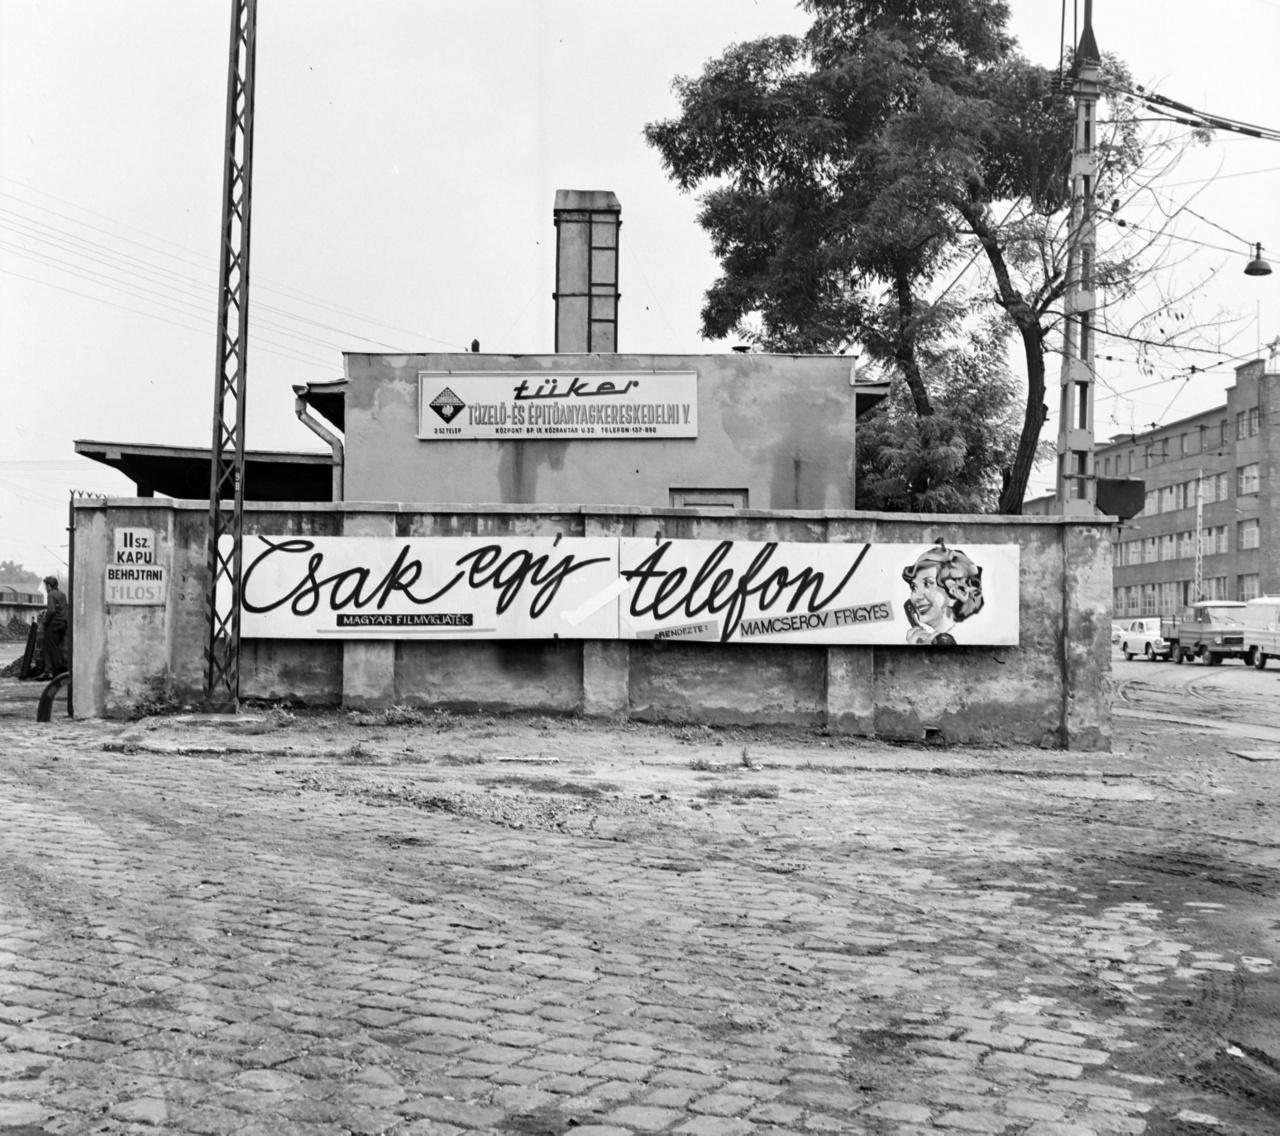 A Fiumei út, 1959 és 1990 között Mező Imre út és a Kőbányai út találkozásánál, a József városi pályaudvar előtt állt a Tüker, a Tüzelő és Építőanyagkereskedelmi Vállalat udvarán a kiszolgáló épület, melynek külső falát a Fömo gyakran használta a filmek reklámozására. A terület az ipari és a lakóövezet határán meglehetősen elhanyagolt, a macskaköves úttest saras, a kép jobb oldalán parkoló kis Zsuk teherautók láthatók, a mögöttük lévő háromemeletes irodaépület tetején kivehető a vörös csillag alakja. Mamcserov Frigyes 1970-ben rendezett filmje, a Csak egy telefon hirdetését nem bonyolították túl, a telefonzsinórra emlékeztető folyóírás mellett Ruttkai Éva mosolygós képmása erősíti meg a mondandót – ez egy vígjáték.